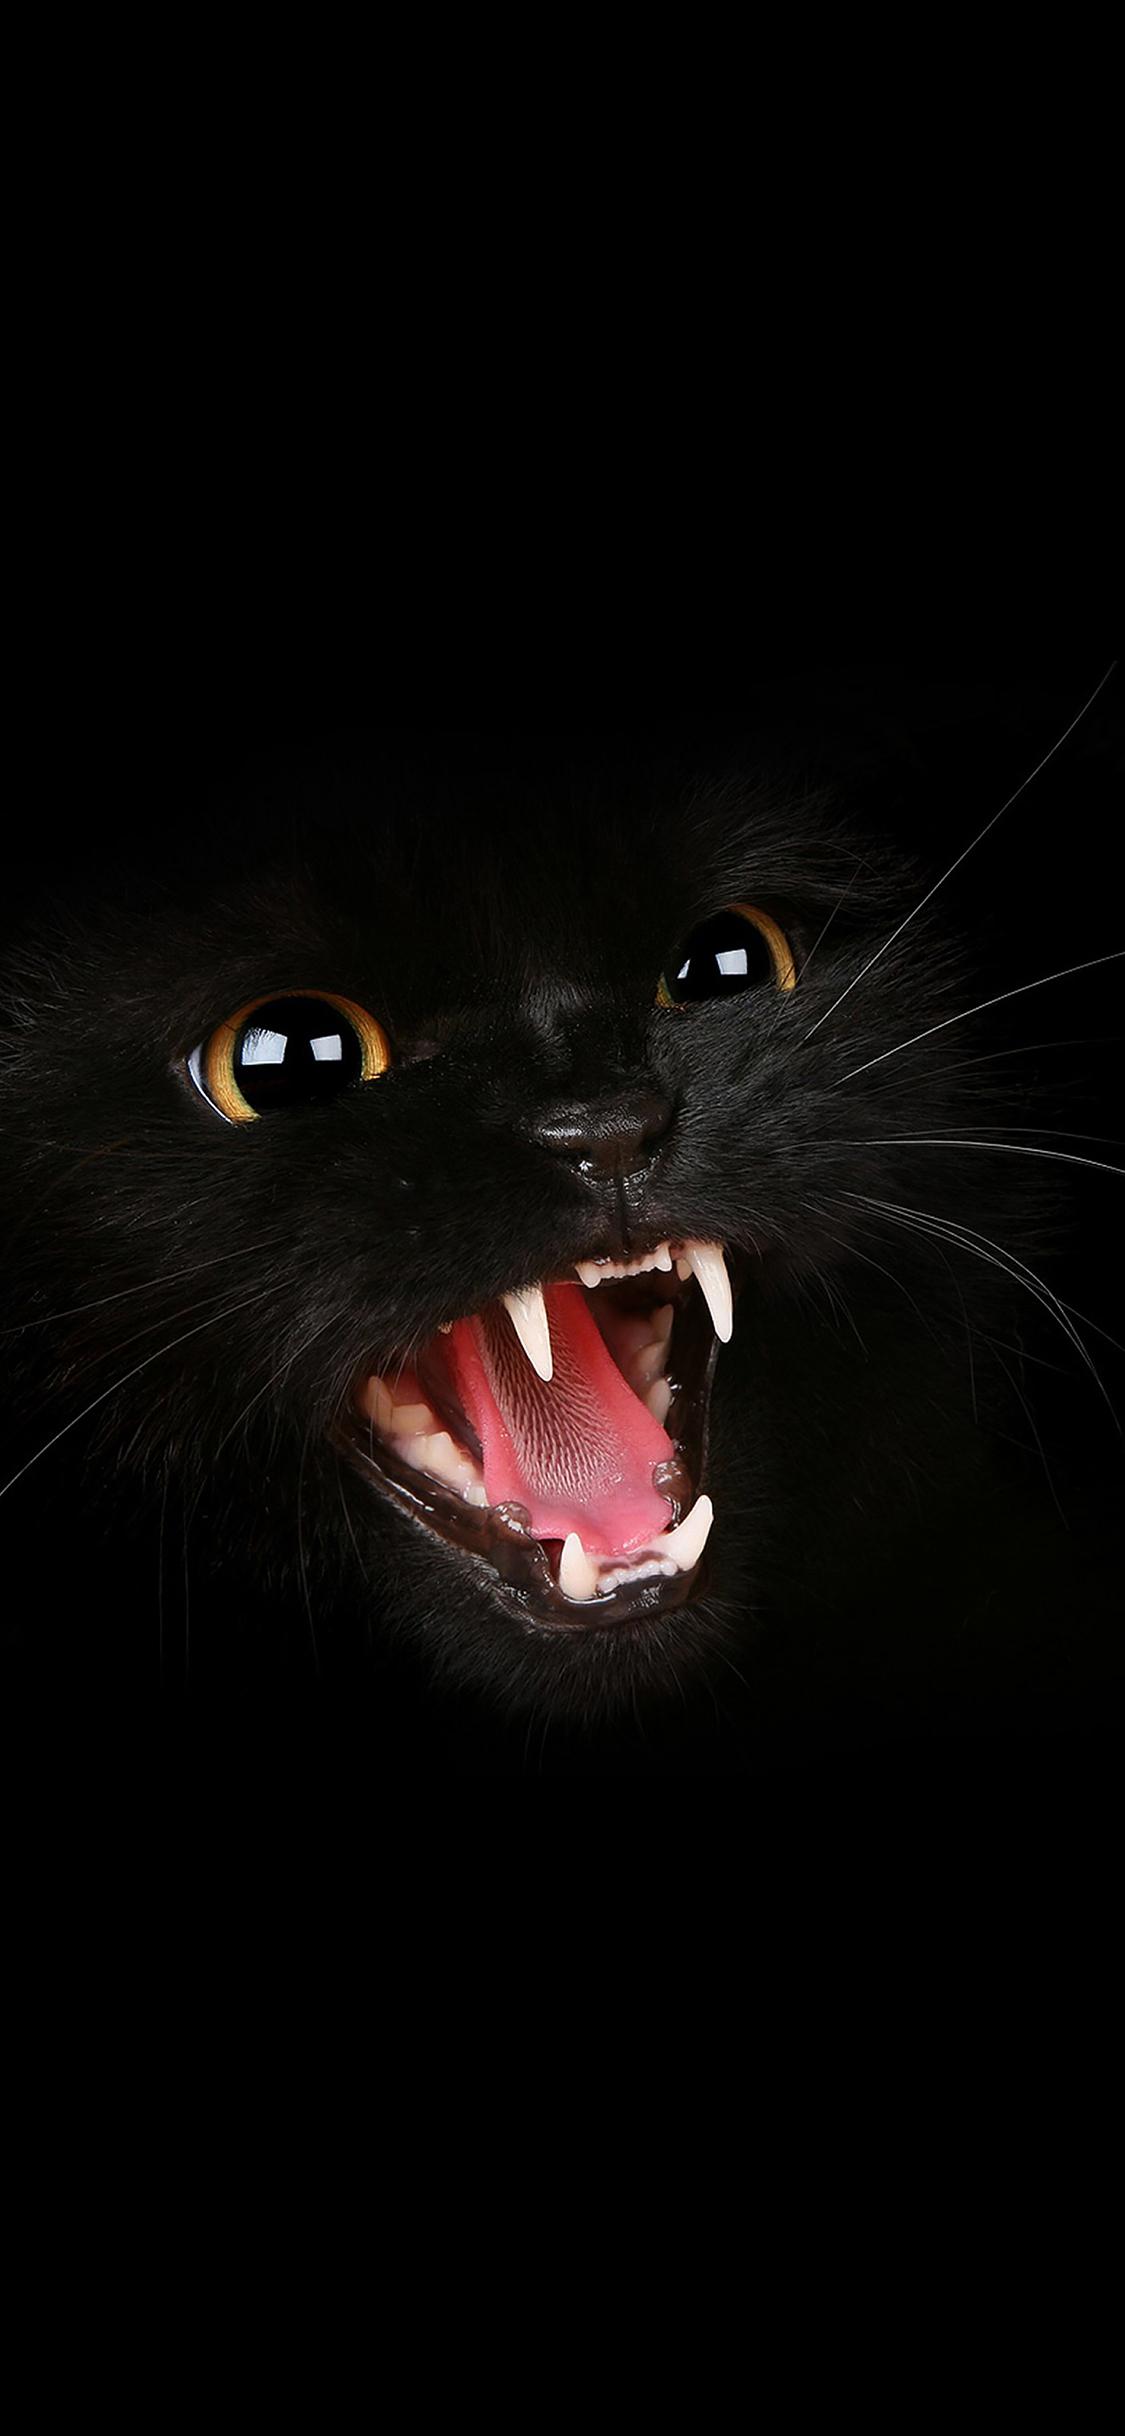 Mj54 Black Cat Roar Animal Cute Papers Co